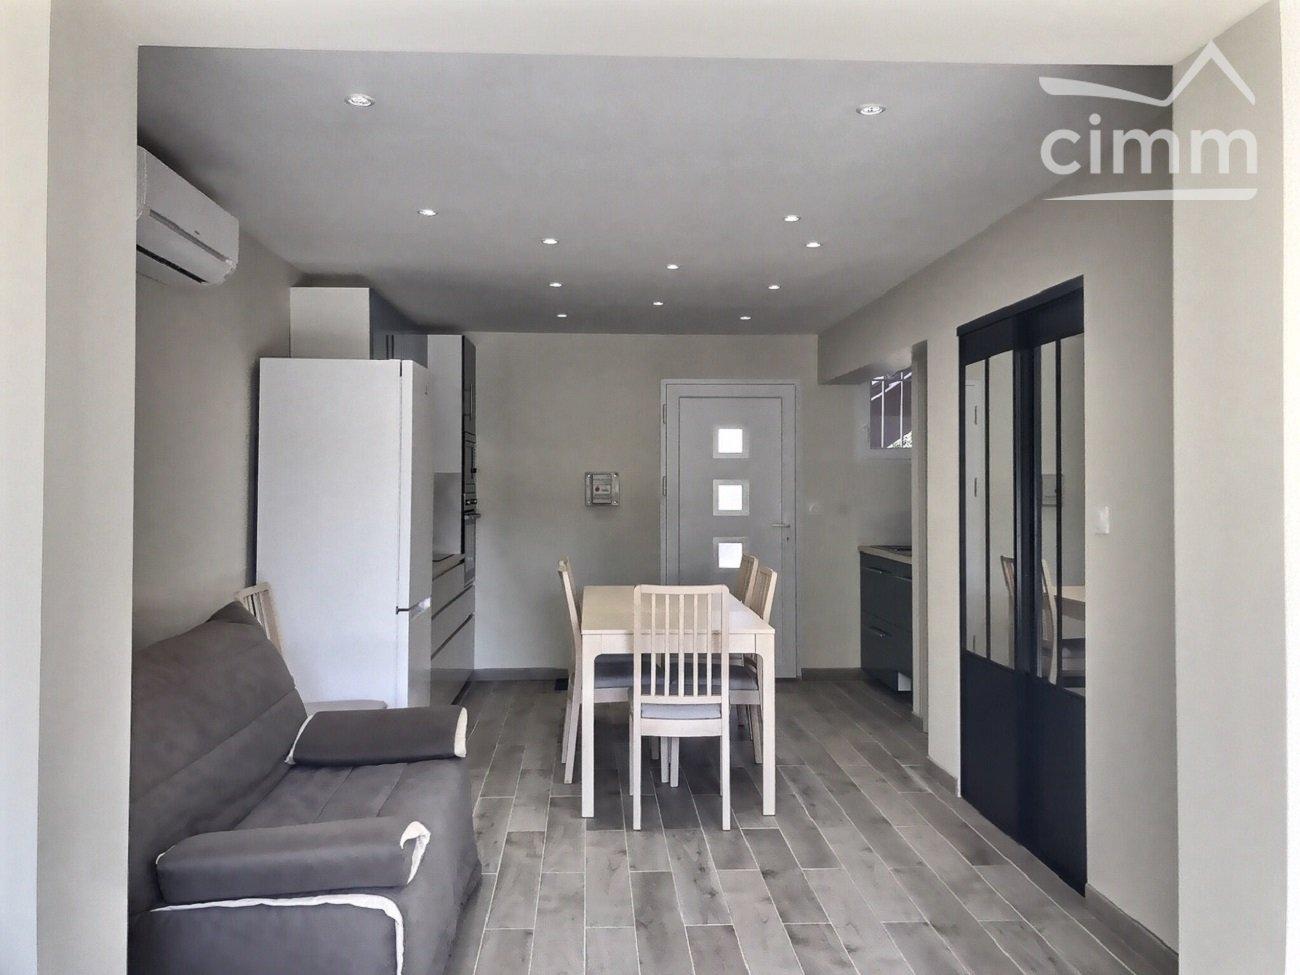 IMMOPLAGE VALRAS-PLAGE, agence immobilière, vente, location et location vacances appartement et maison entre Agde/Sete et Narbonne, proche Béziers - Appartement - VALRAS PLAGE - Location Vacances - 47m²